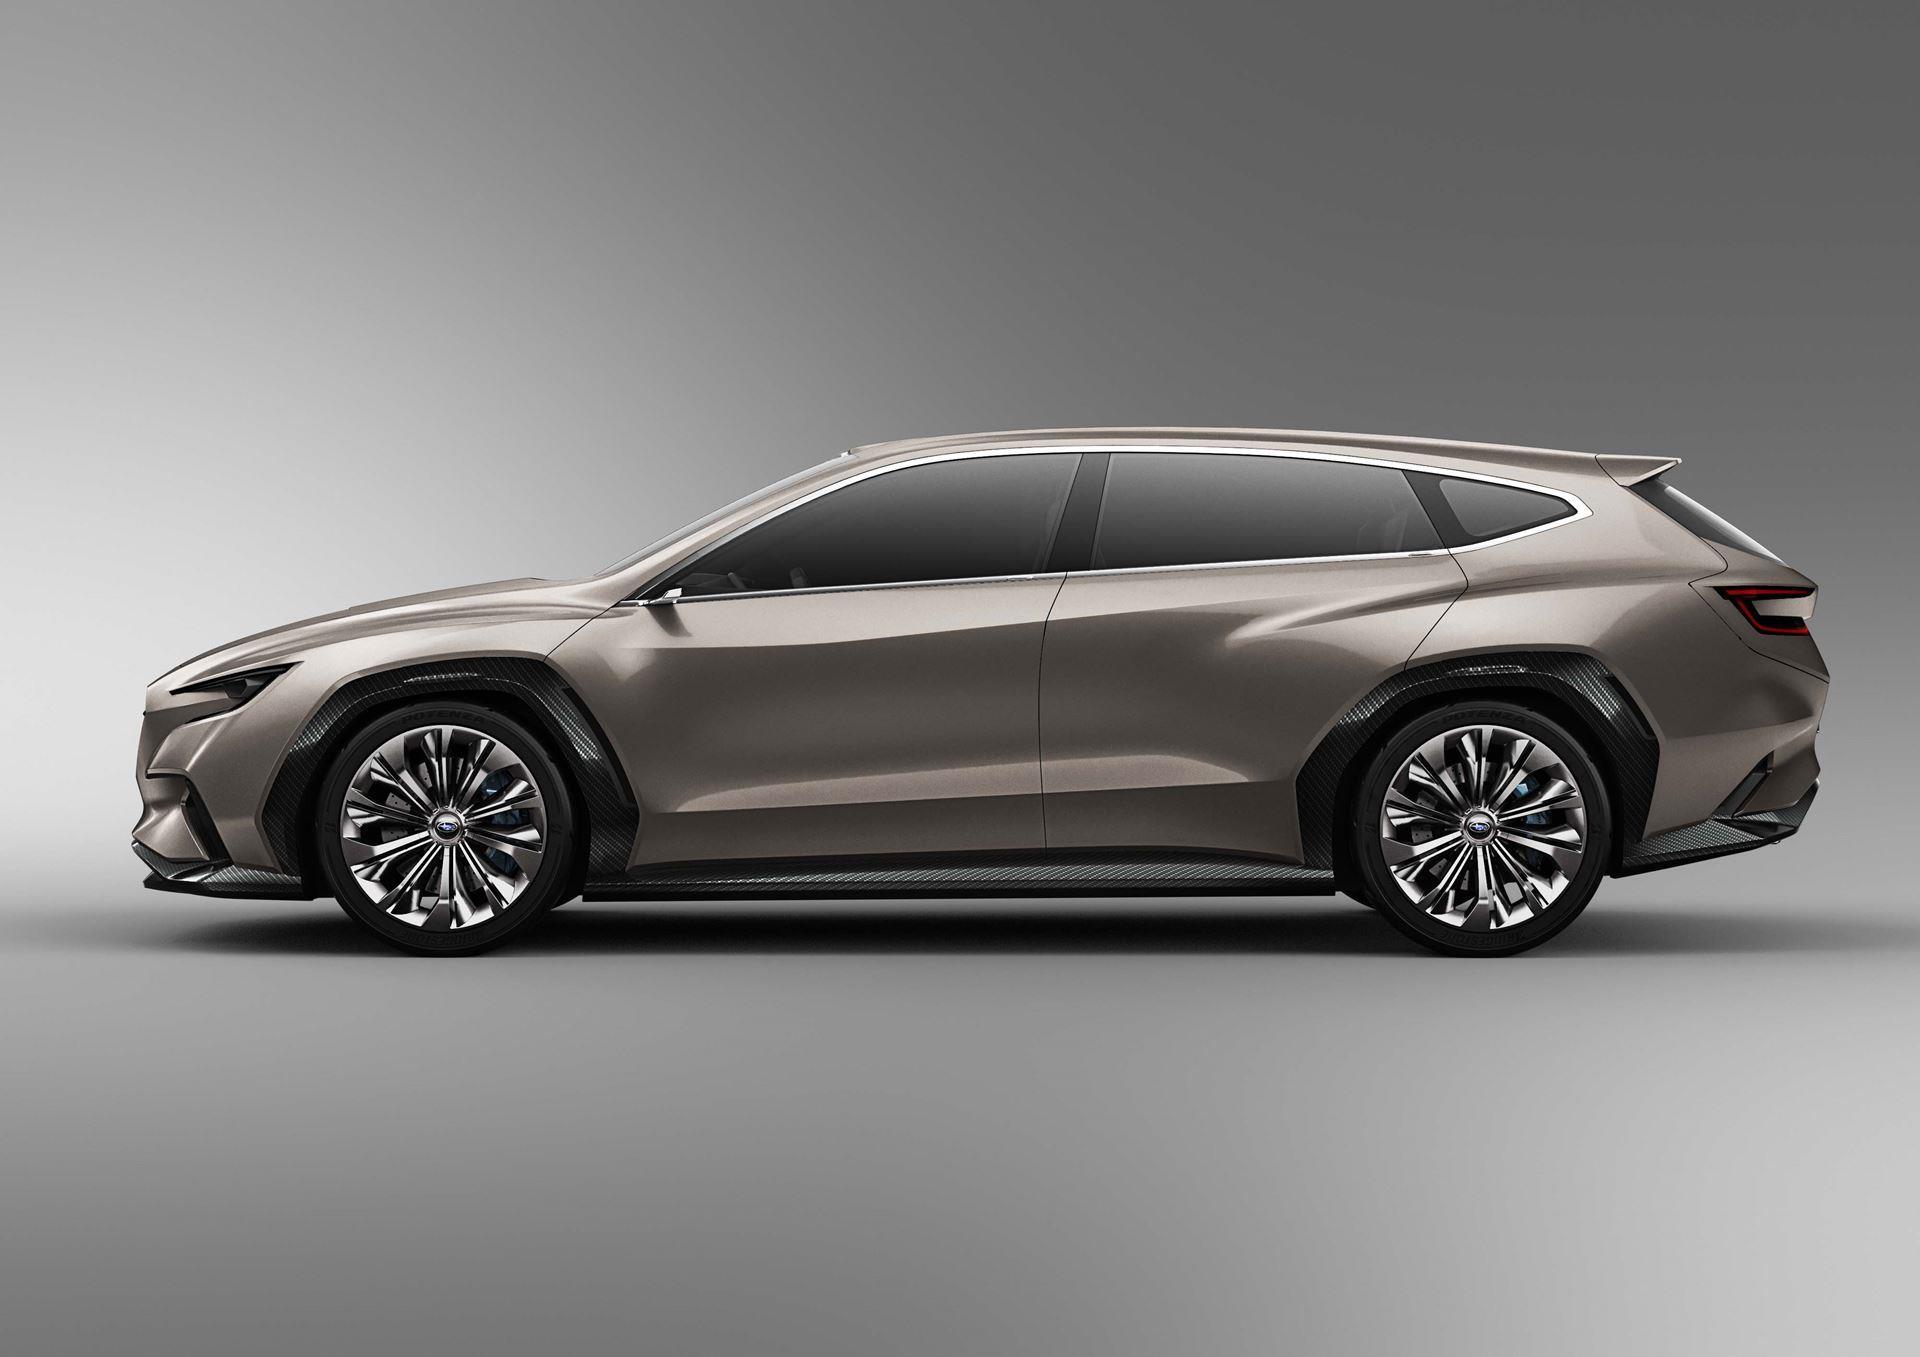 2018 Subaru Viziv Tourer Concept News